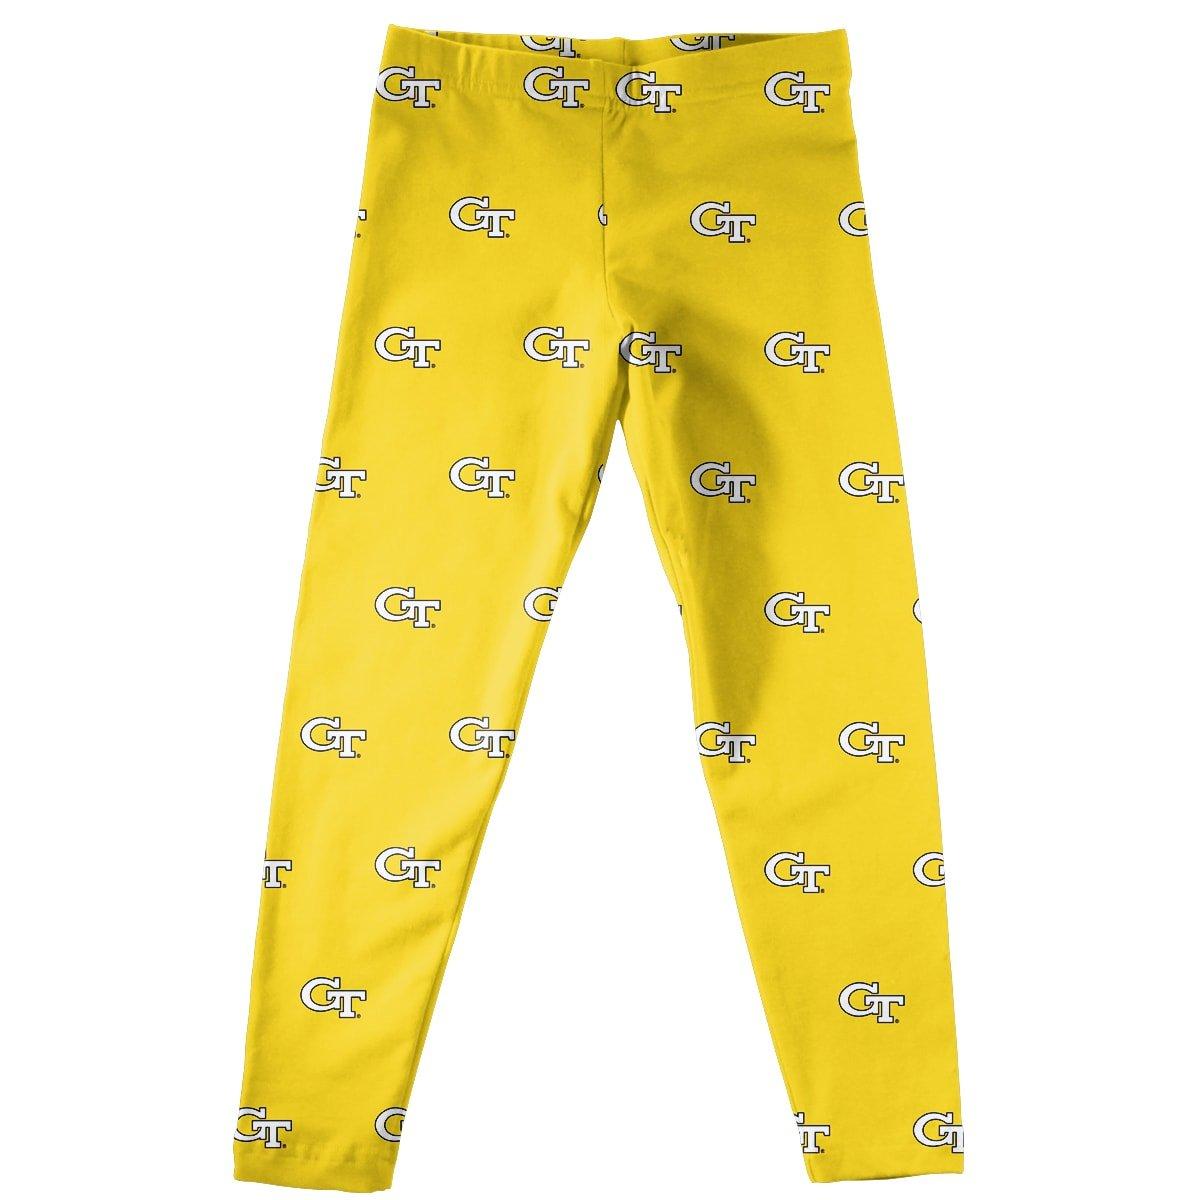 Vive La Fete Collegiate GA Tech Yellow Jackets Print Yellow Leggings